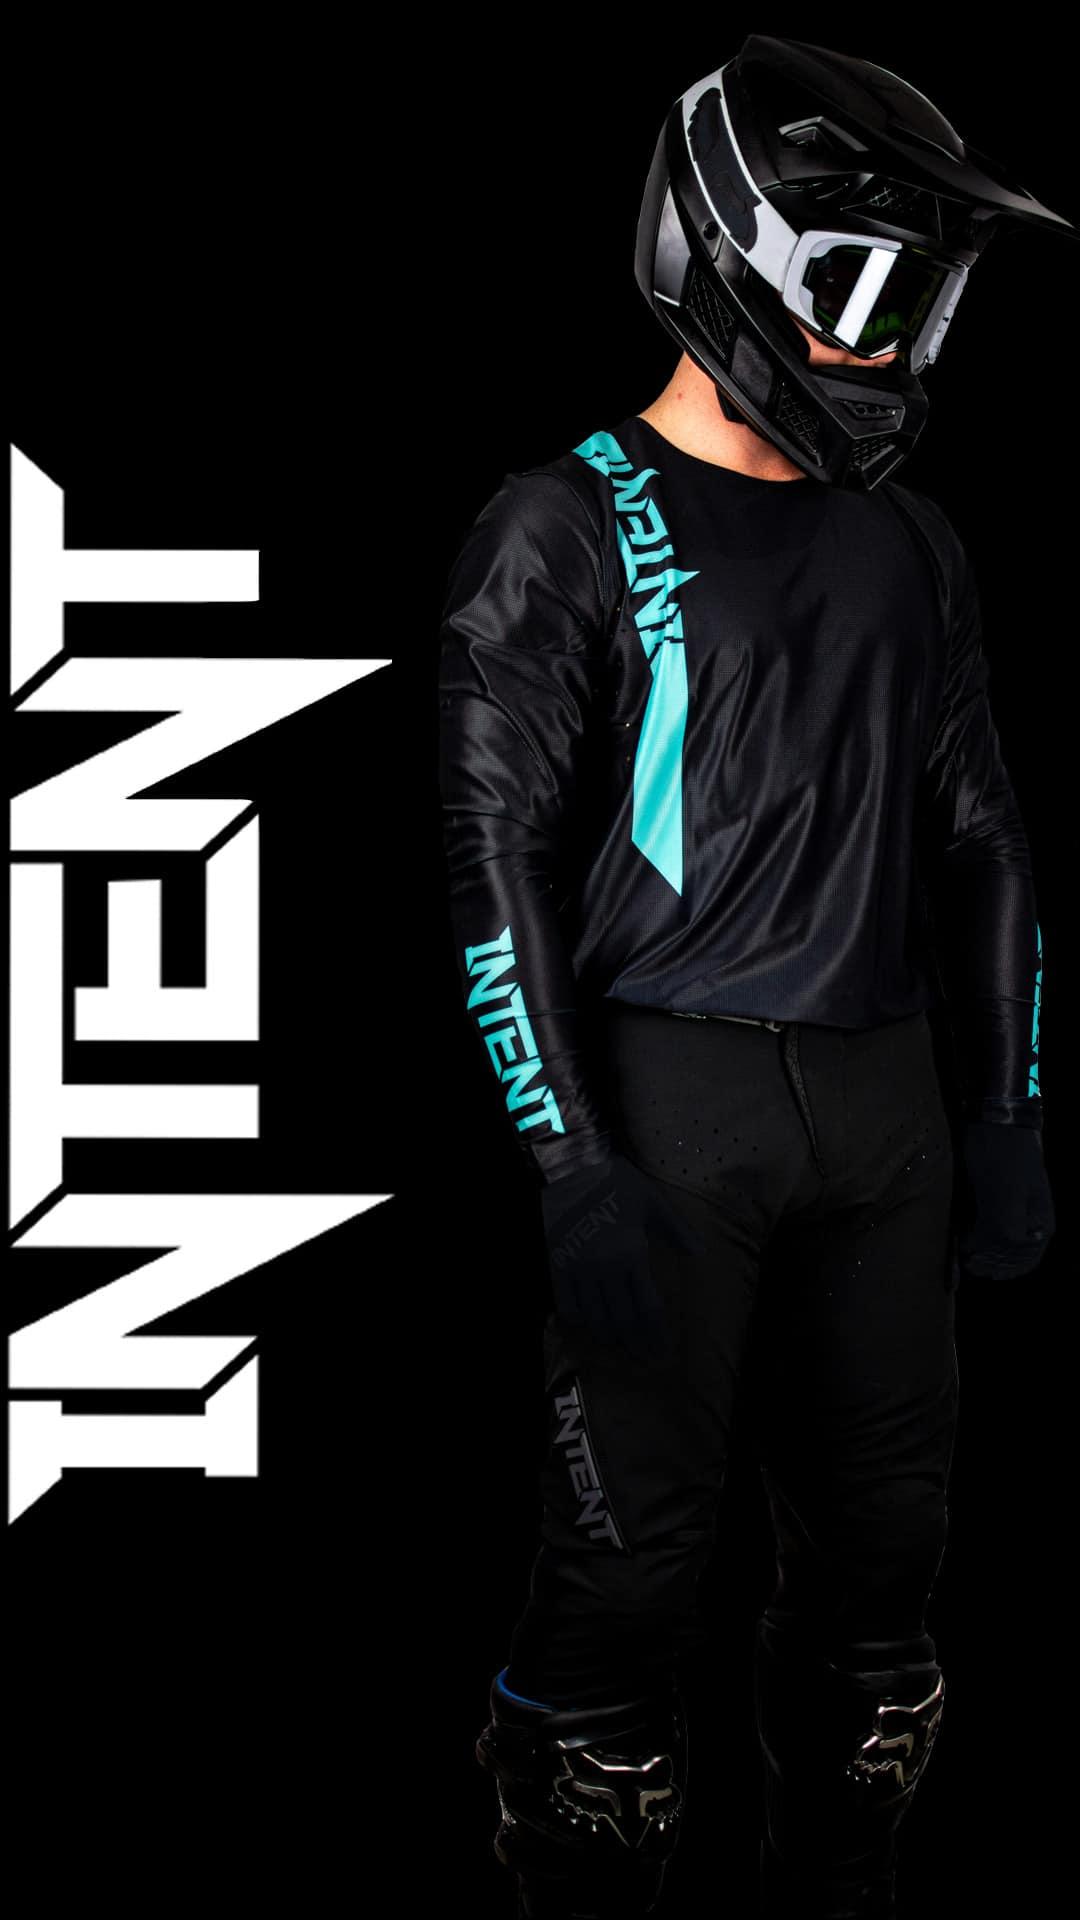 Infinite Moto Gear Set | Pinned – Teal/Black